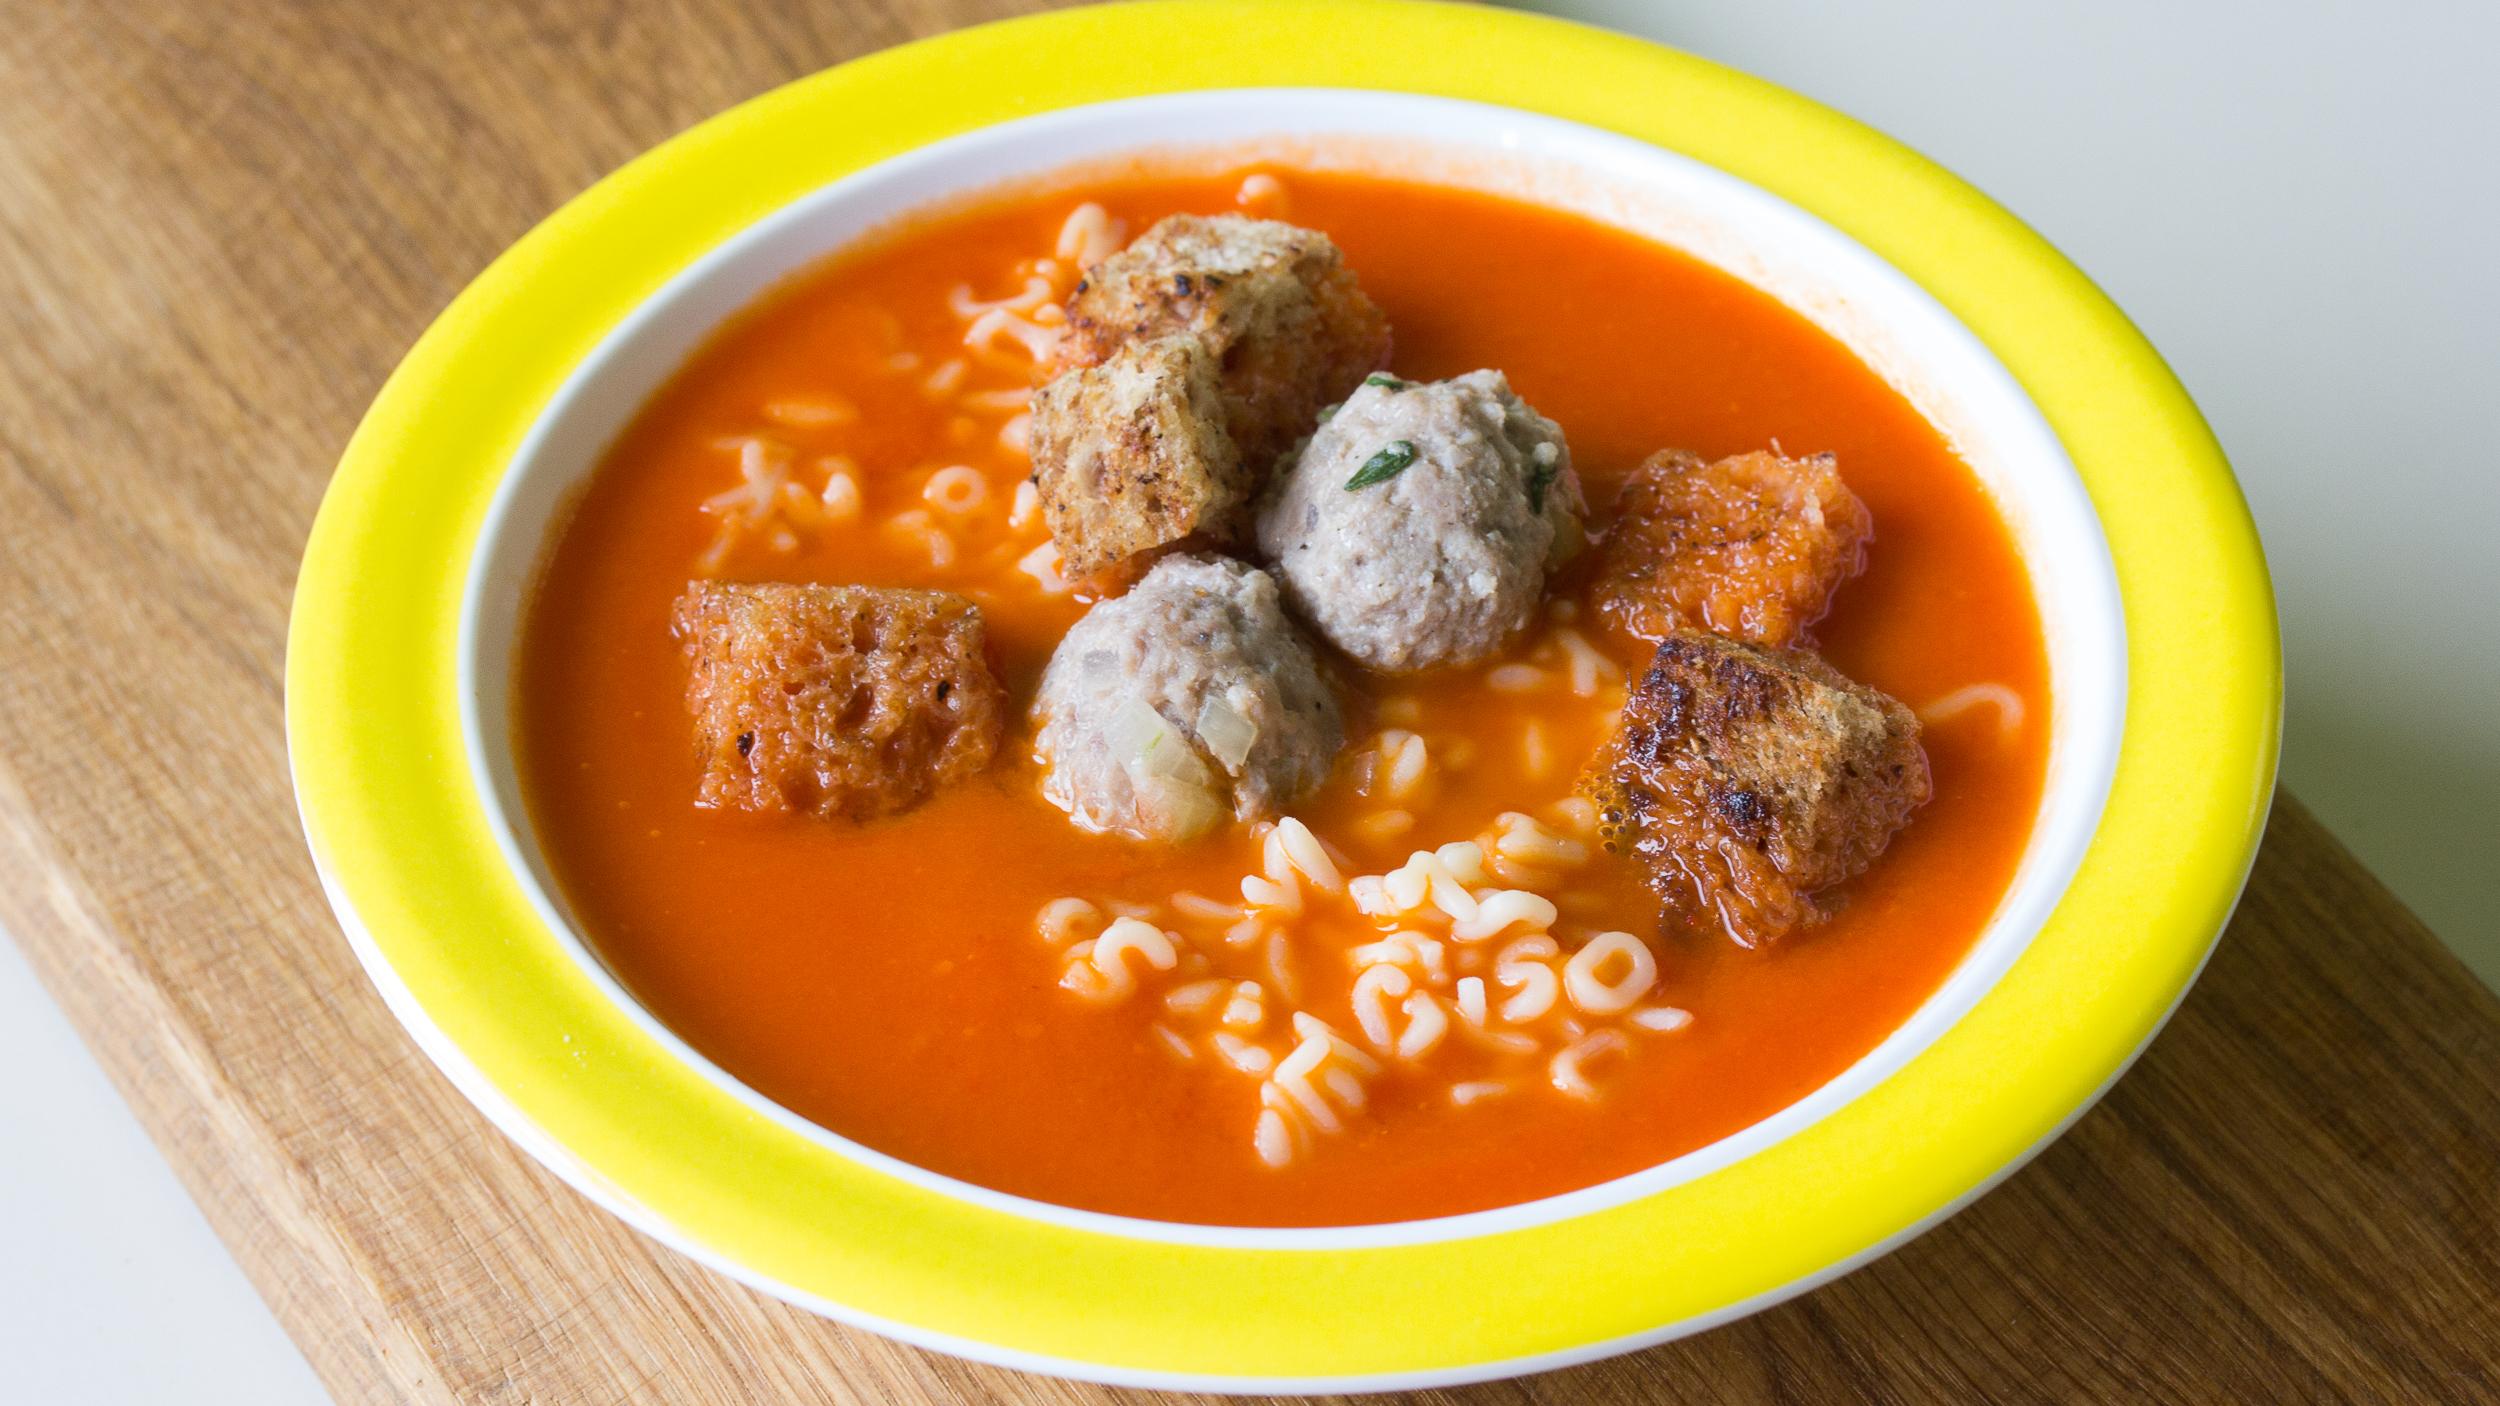 soep in blik gezond